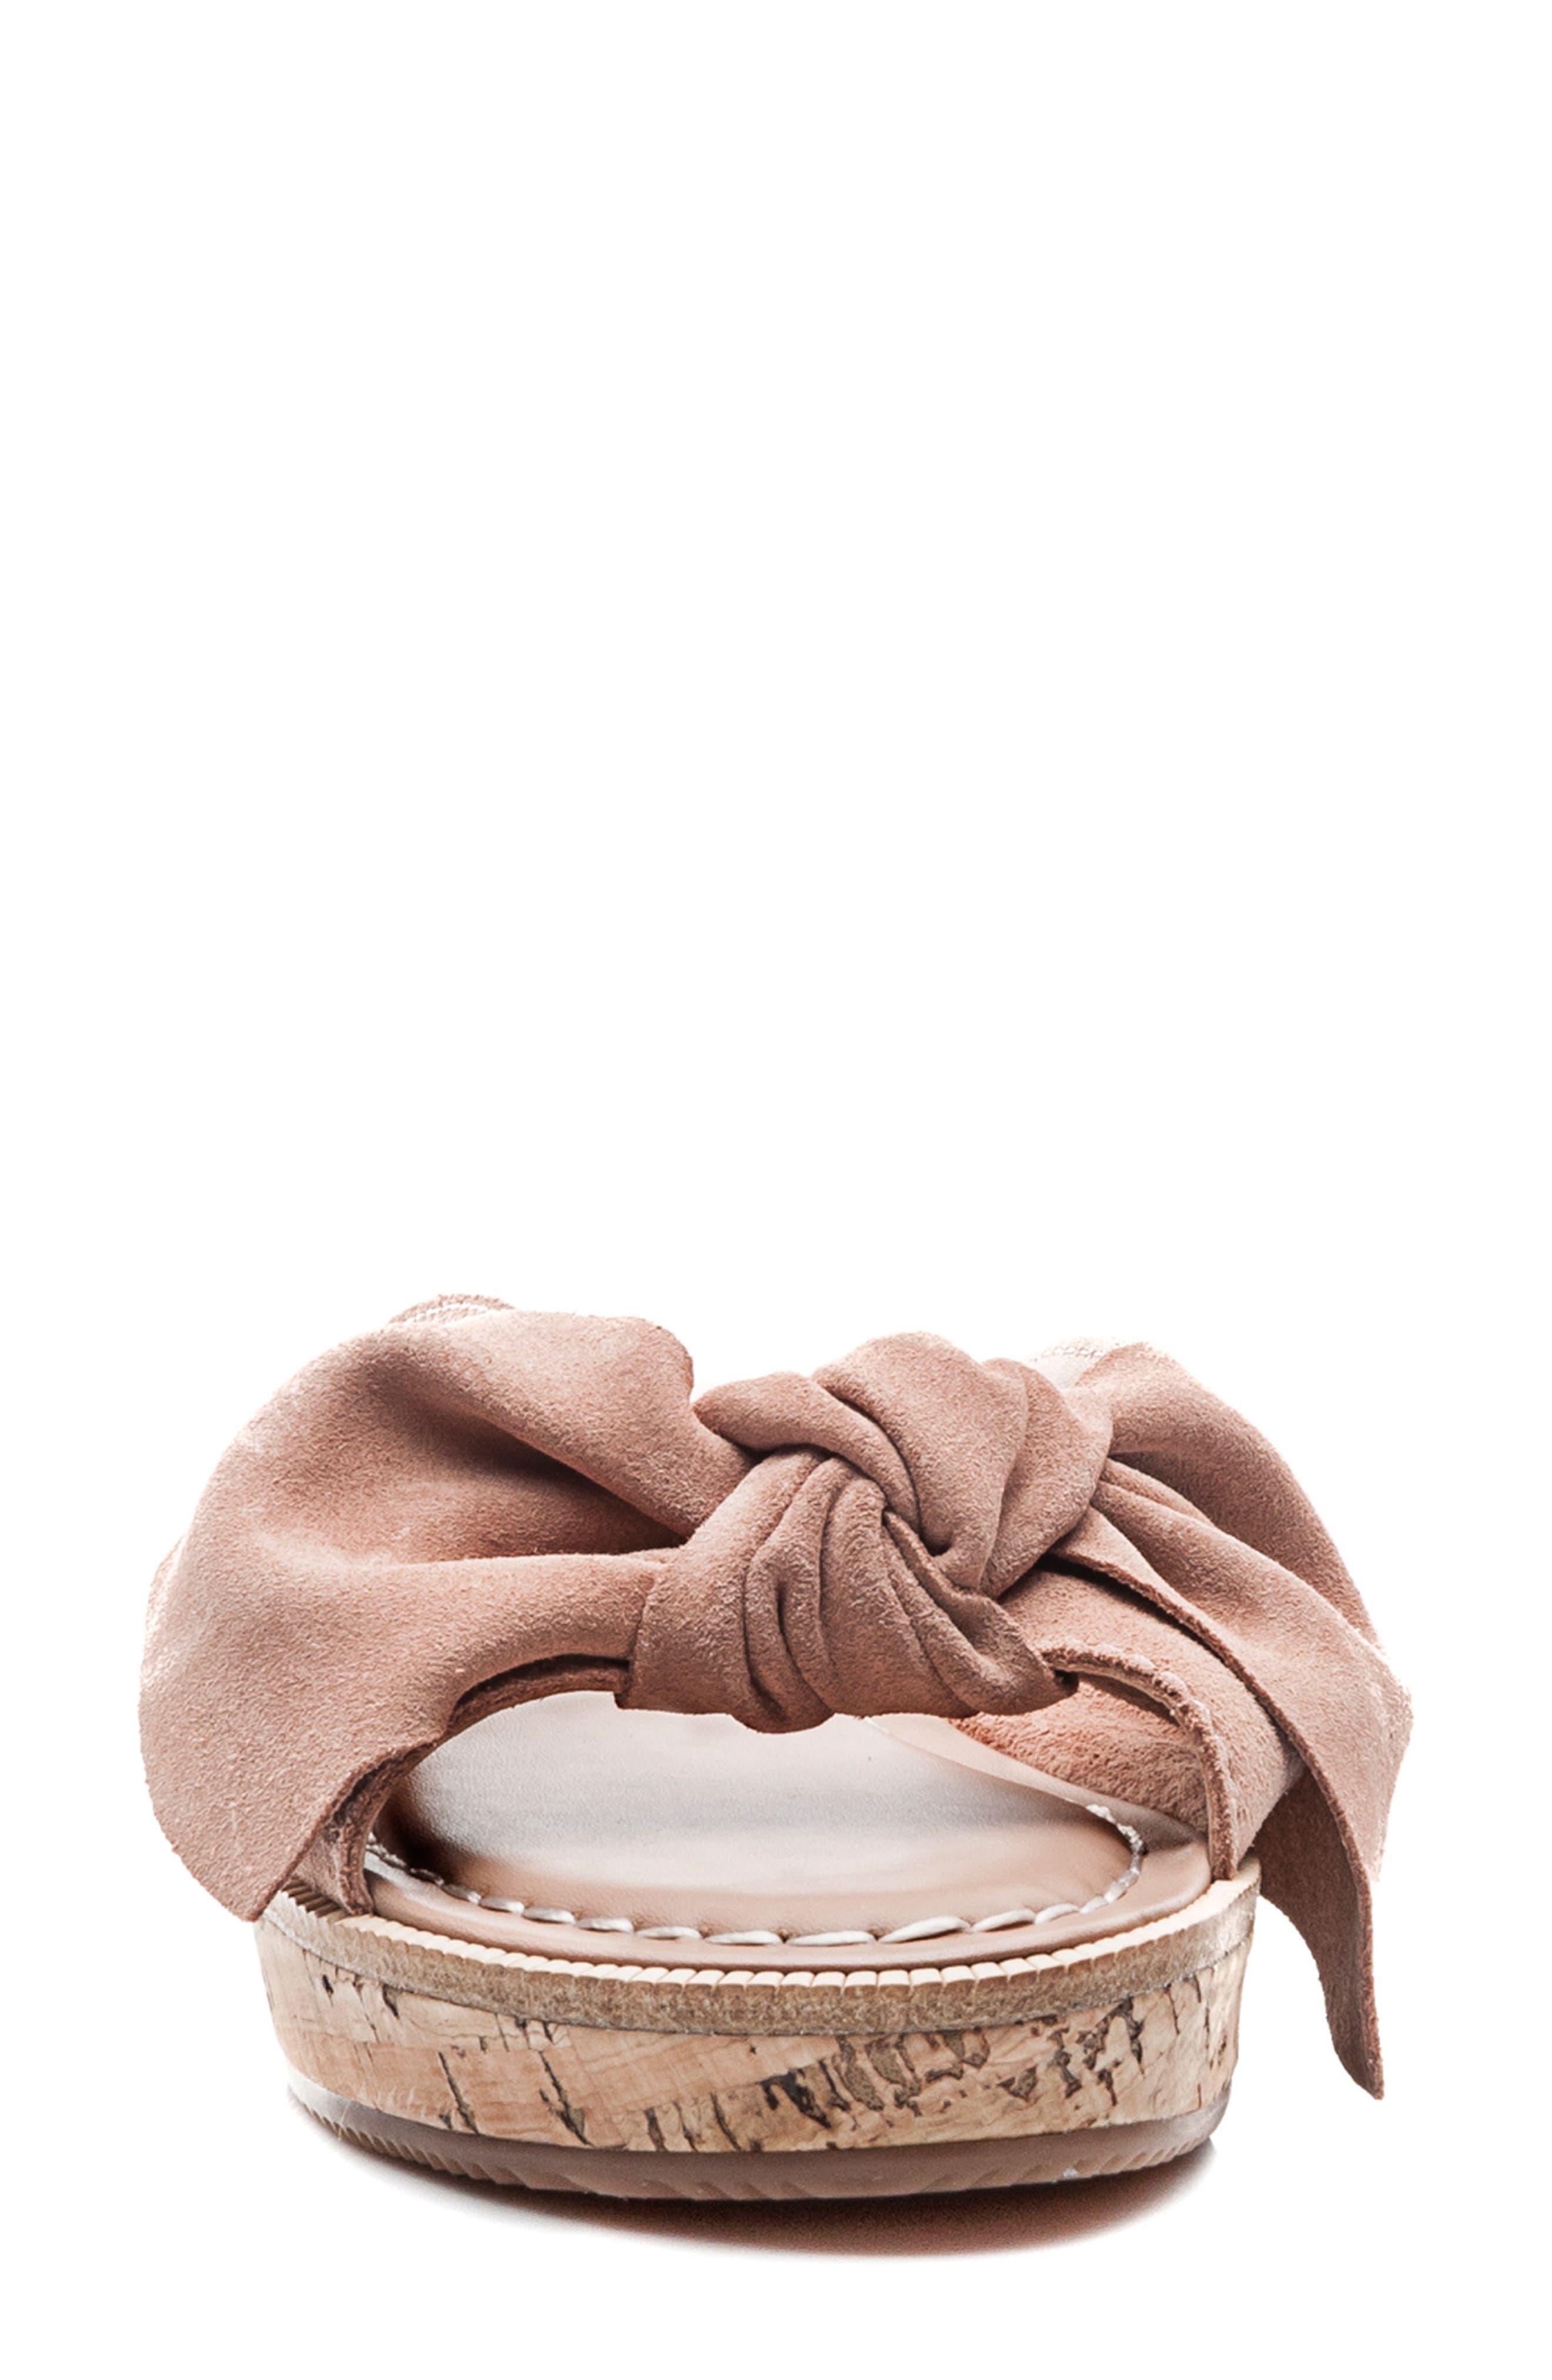 Bernardo Petra Slide Sandal,                             Alternate thumbnail 4, color,                             Blush Leather